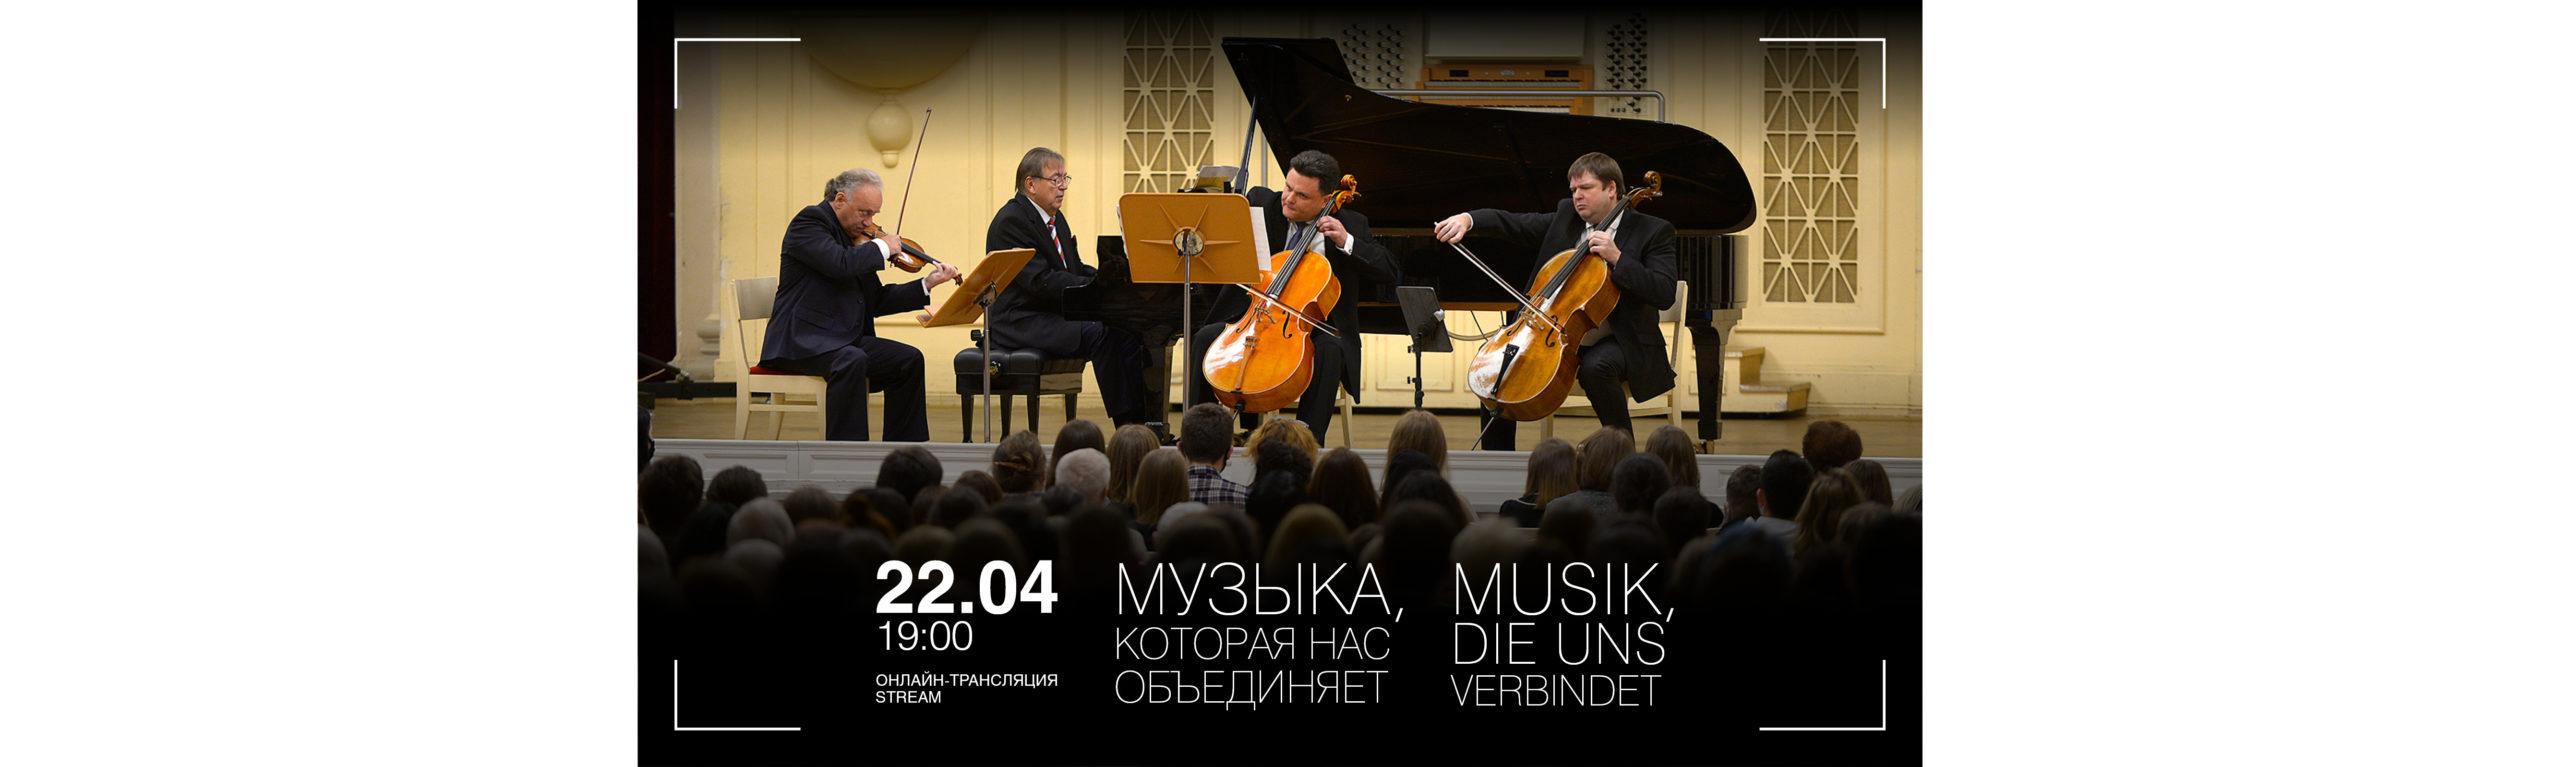 Концерт / Konzert